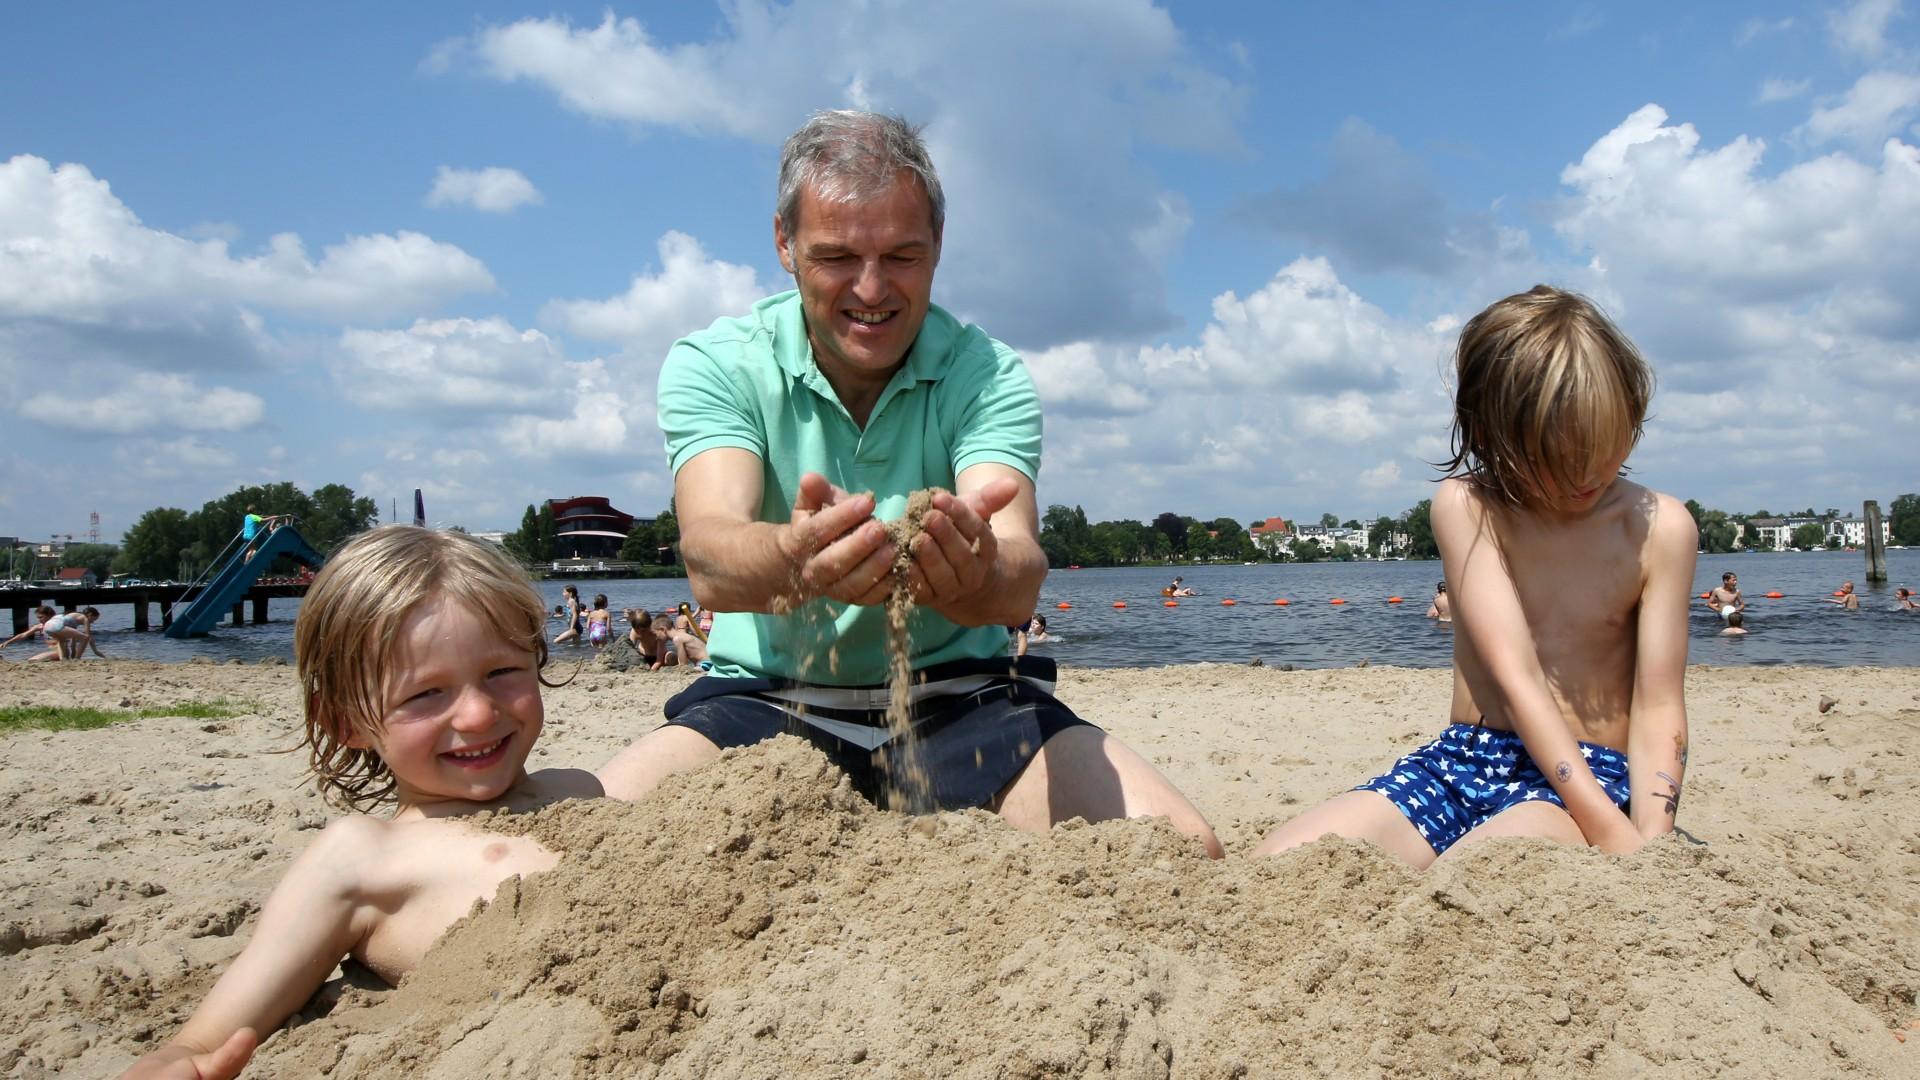 Familie im Strandbad Park Babelsberg baut eine große Sandburg, © Kathleen Friedrich